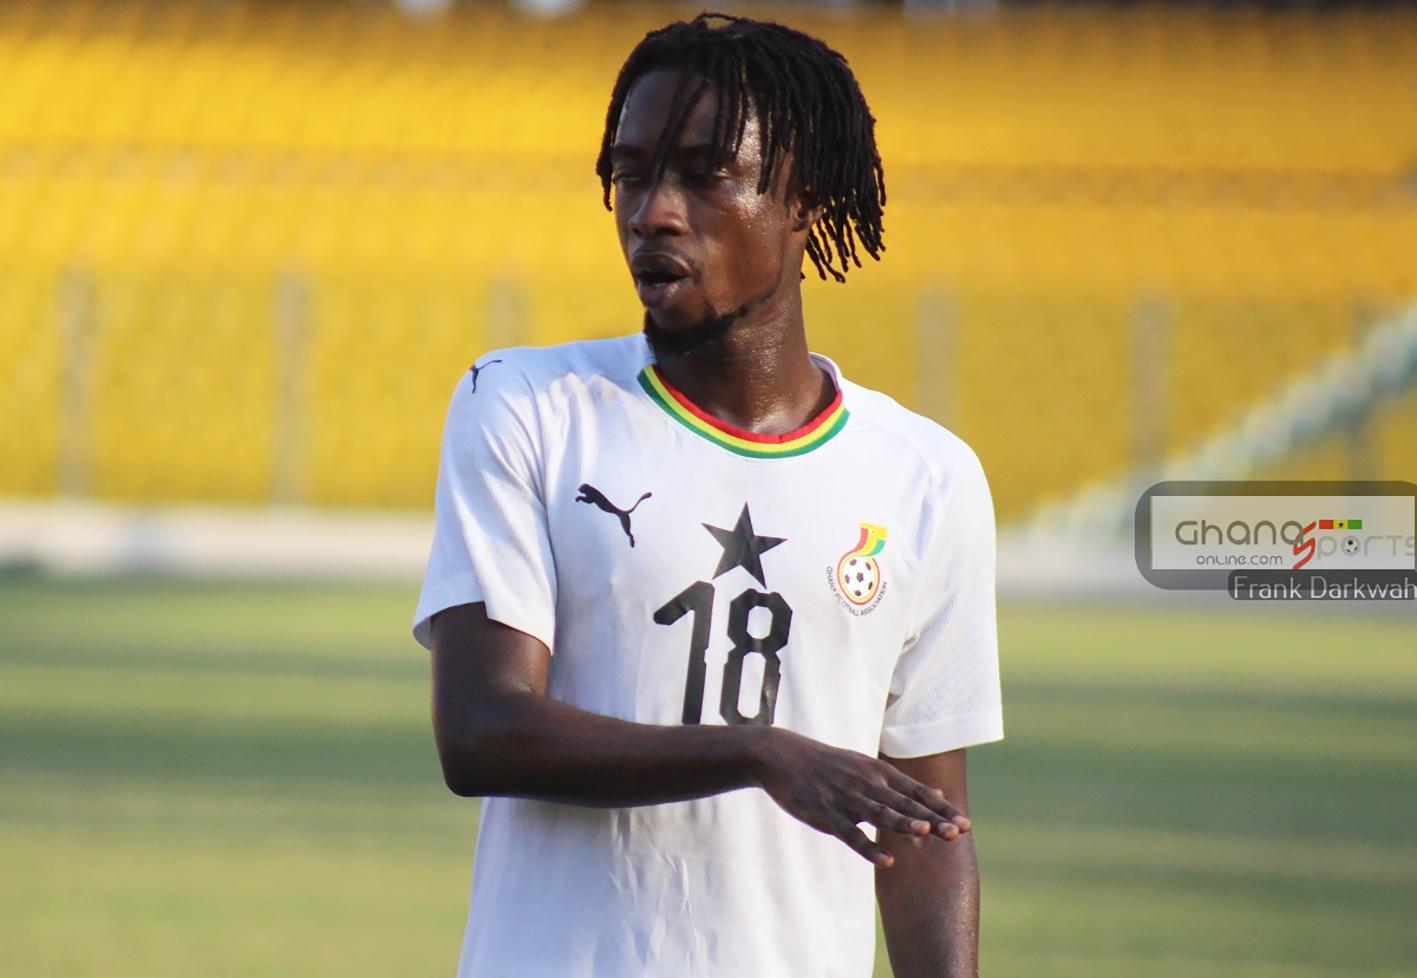 Belgians ginats Anderlecht sign Ghanaian midfielder Majeed Ashimeru on a four-year deal